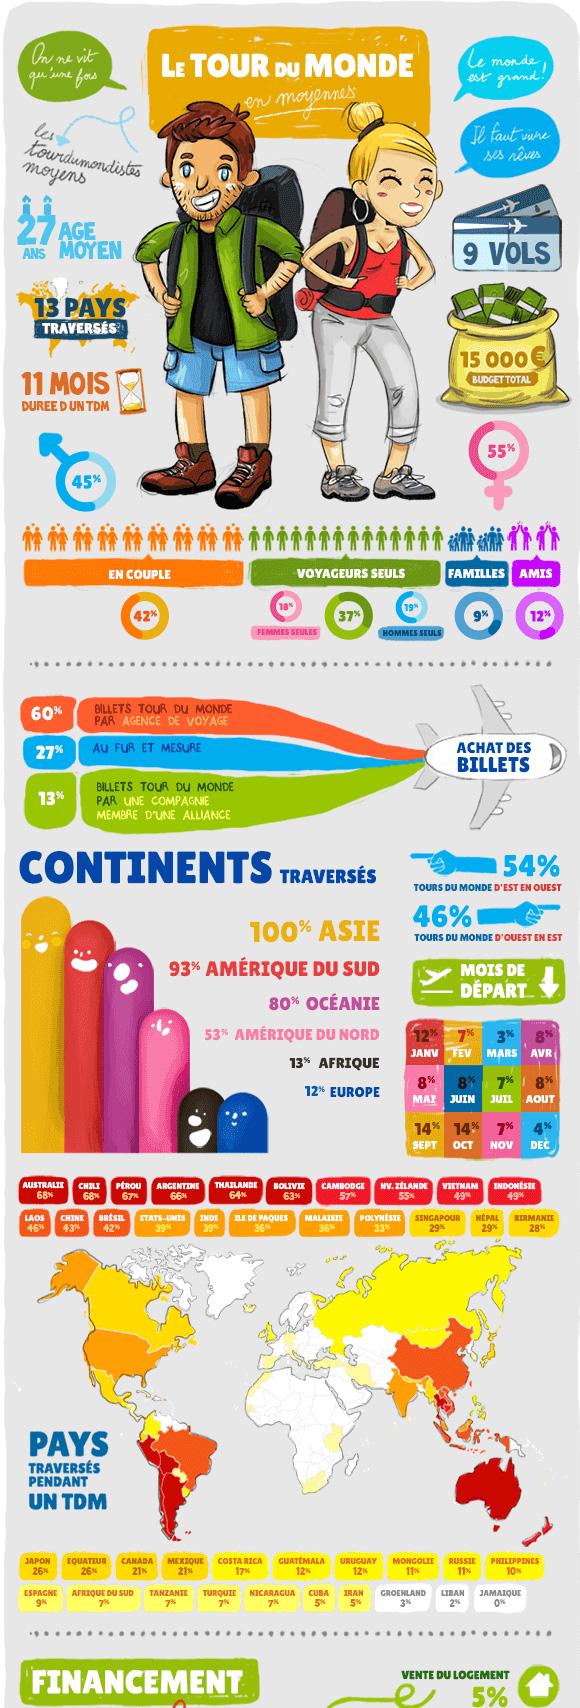 infographie tour du monde